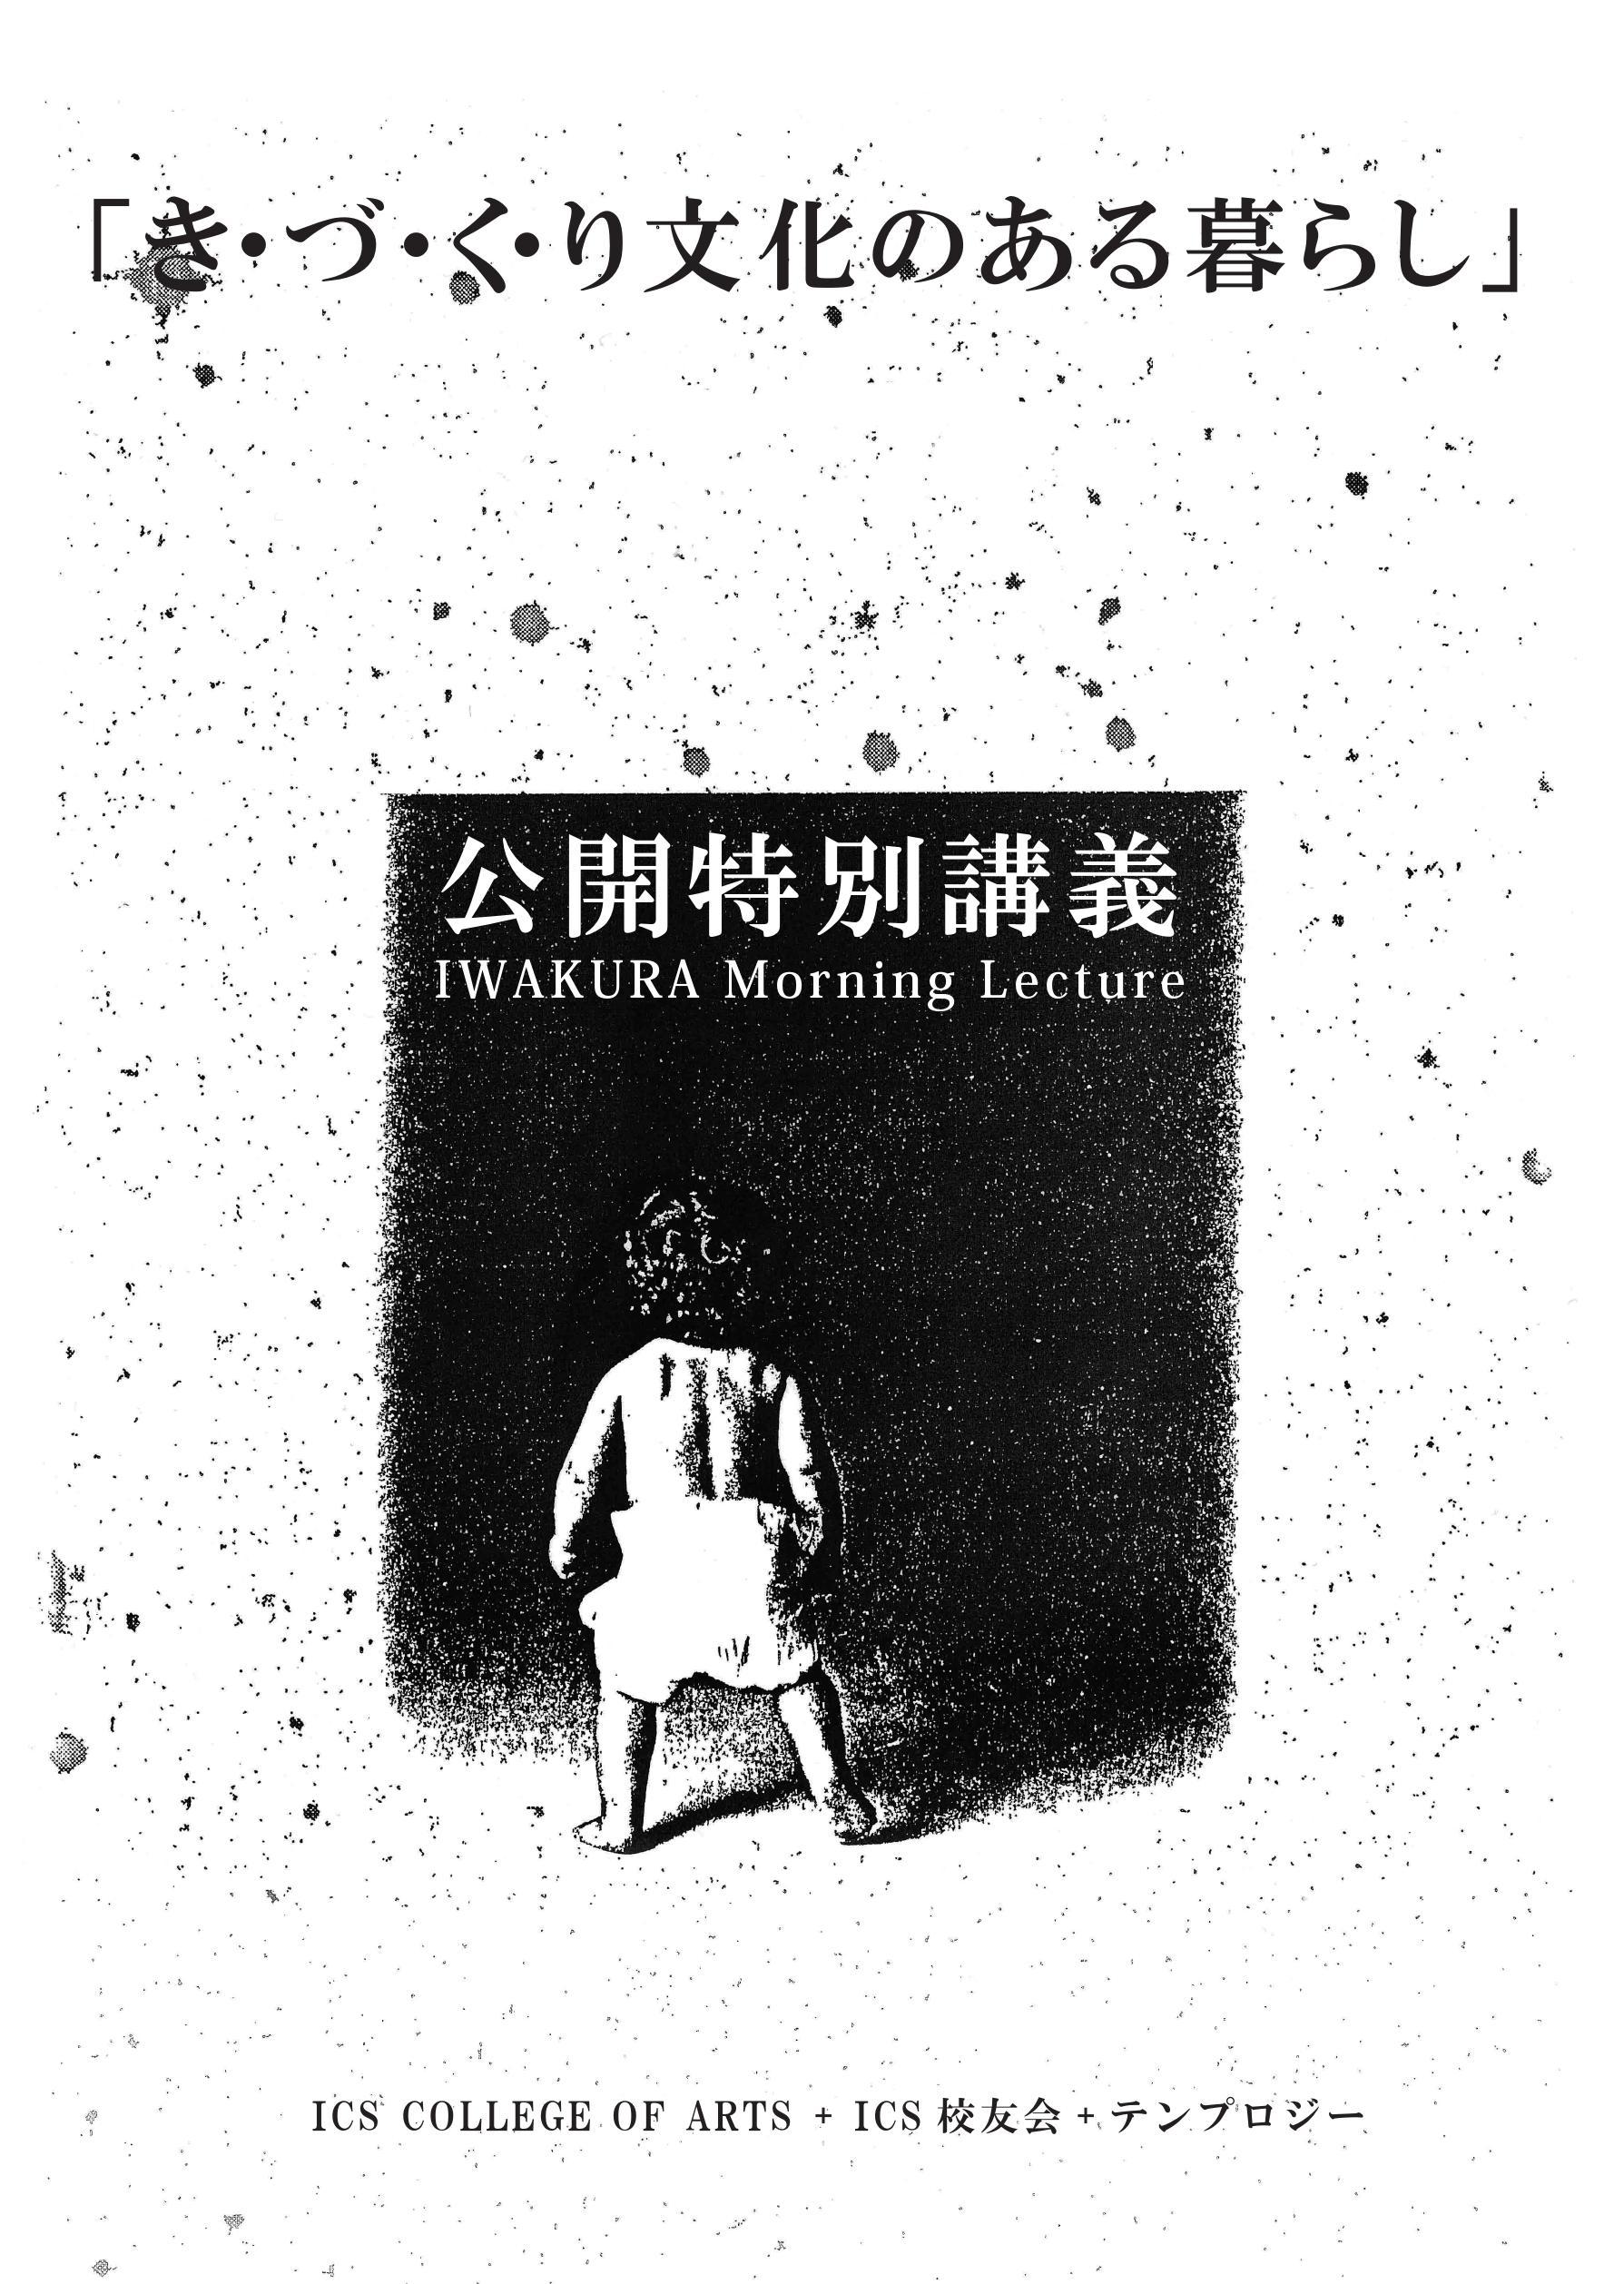 公開特別講義「き・づ・く・り文化のある暮らし」6月1日(木)・15日(木)・29日(木)開催のご案内!